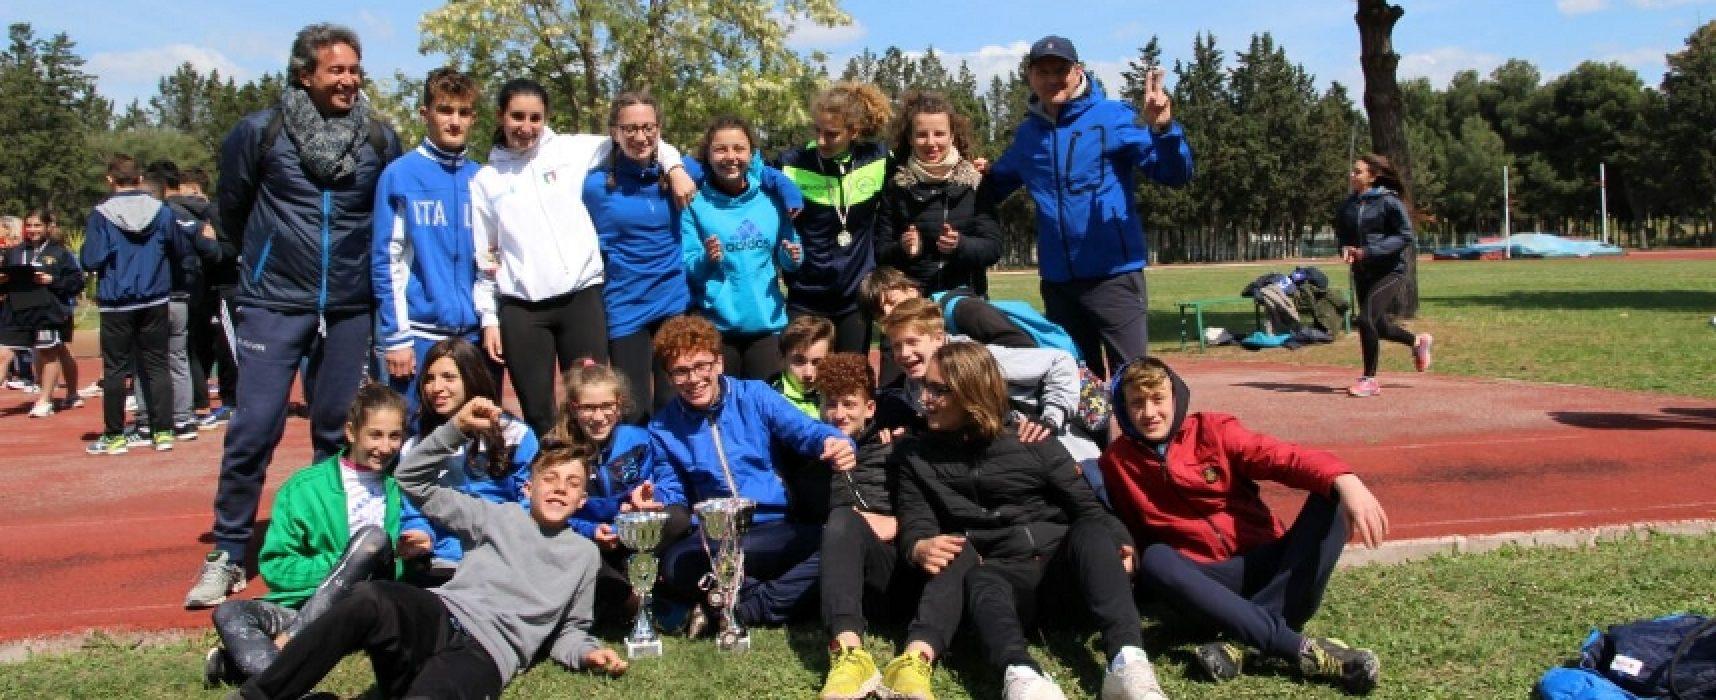 Campionati Studenteschi di atletica leggera, grandi risultati per la Battisti-Ferraris